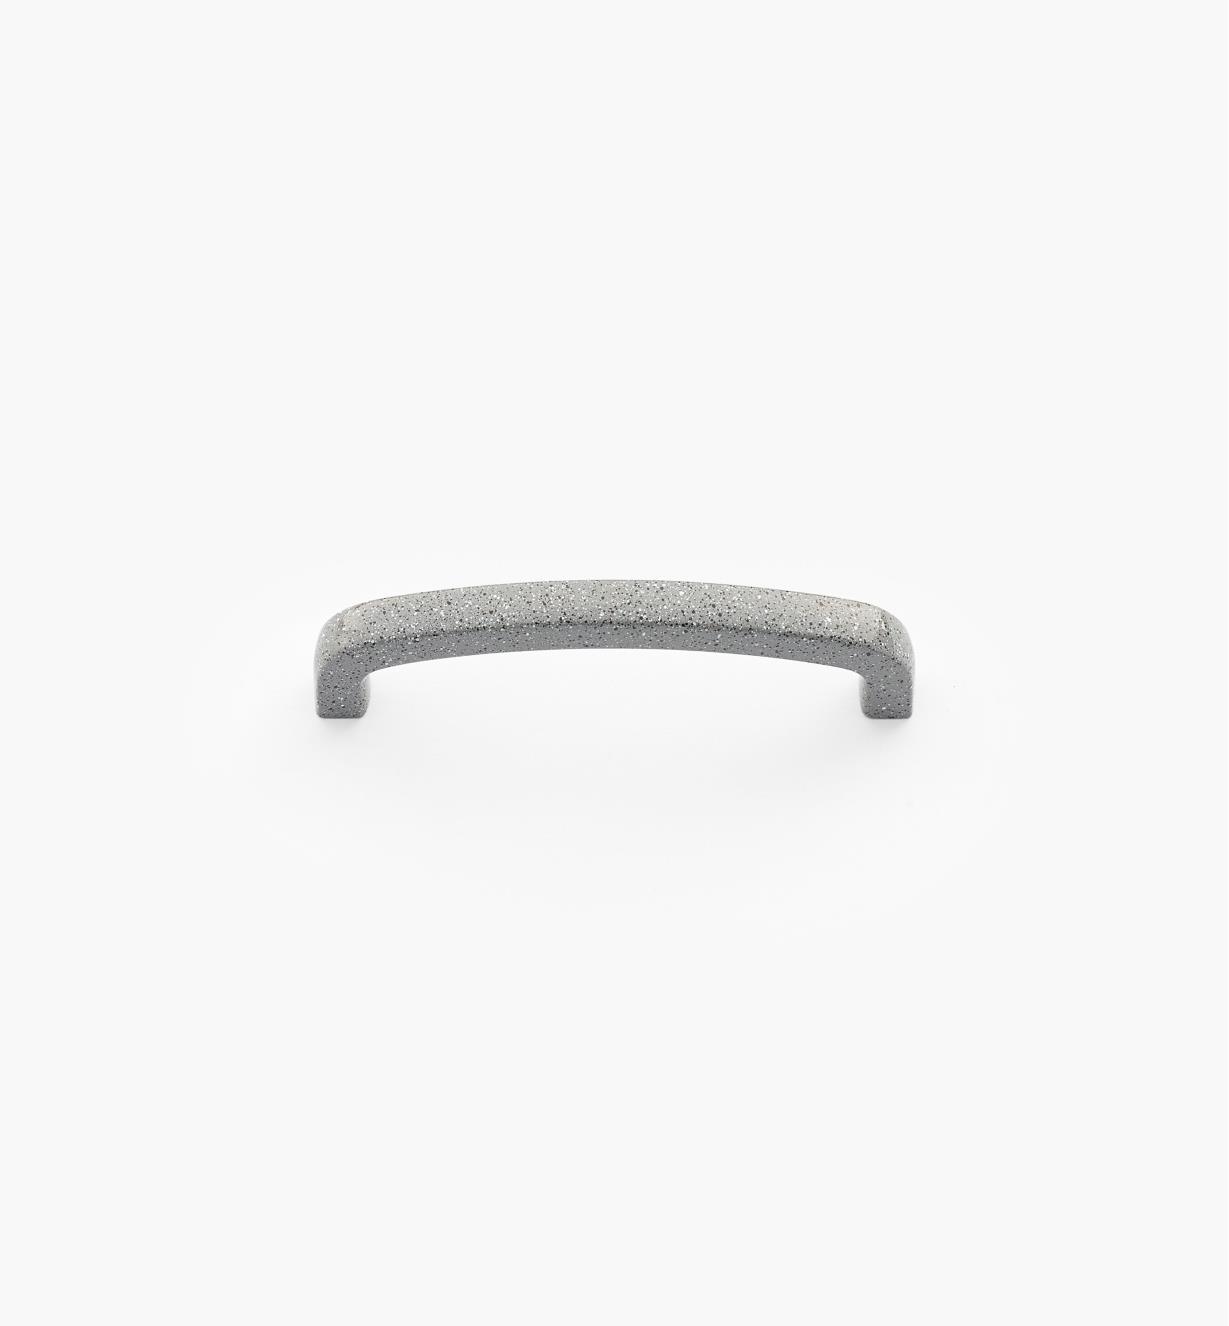 00W4512 - Poignée-fil carrée moulée sous pression, époxyde tacheté gris, 3 po